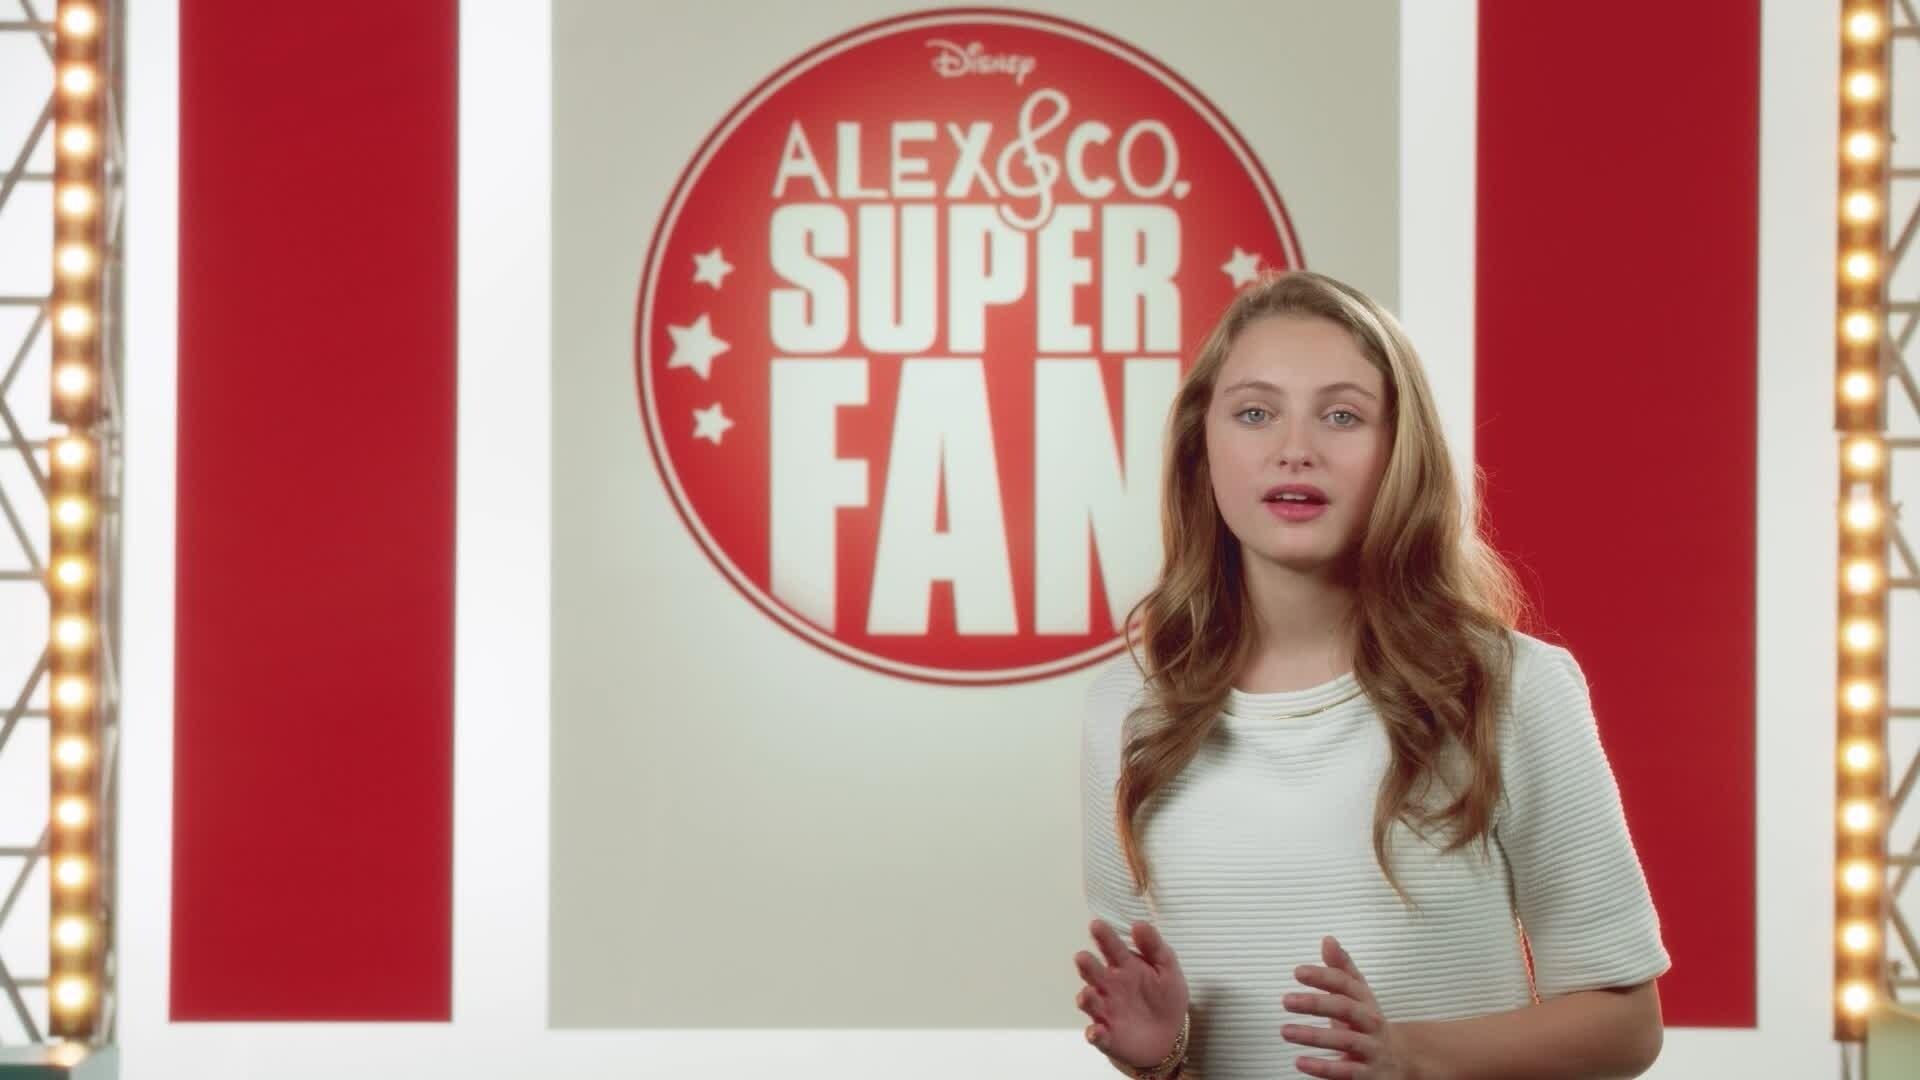 Sbagliando si impara! Le papere dei ragazzi di Alex & Co - video 1!